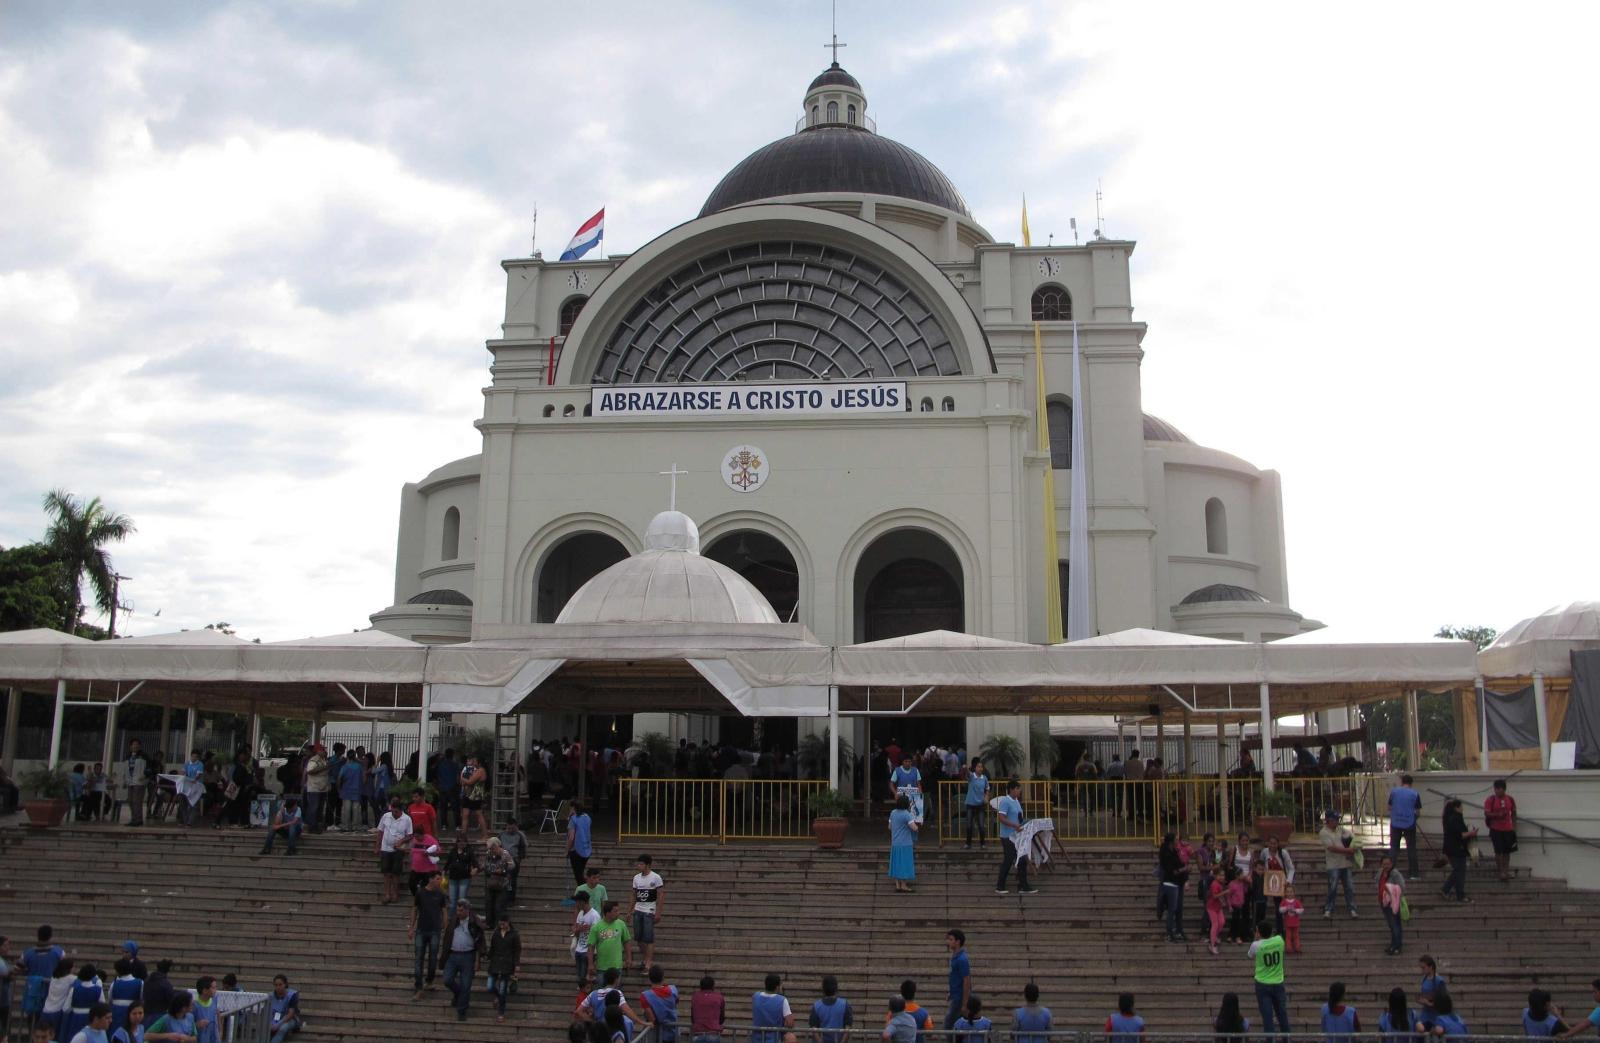 Dzień Matko Bożej z Caacupe. Bazylika Matki Bożej w Paragwaju, do której tego dnia zmierzają tłumy pielgrzymów. Fot. PAP/EPA/ANDRES CRISTALDO